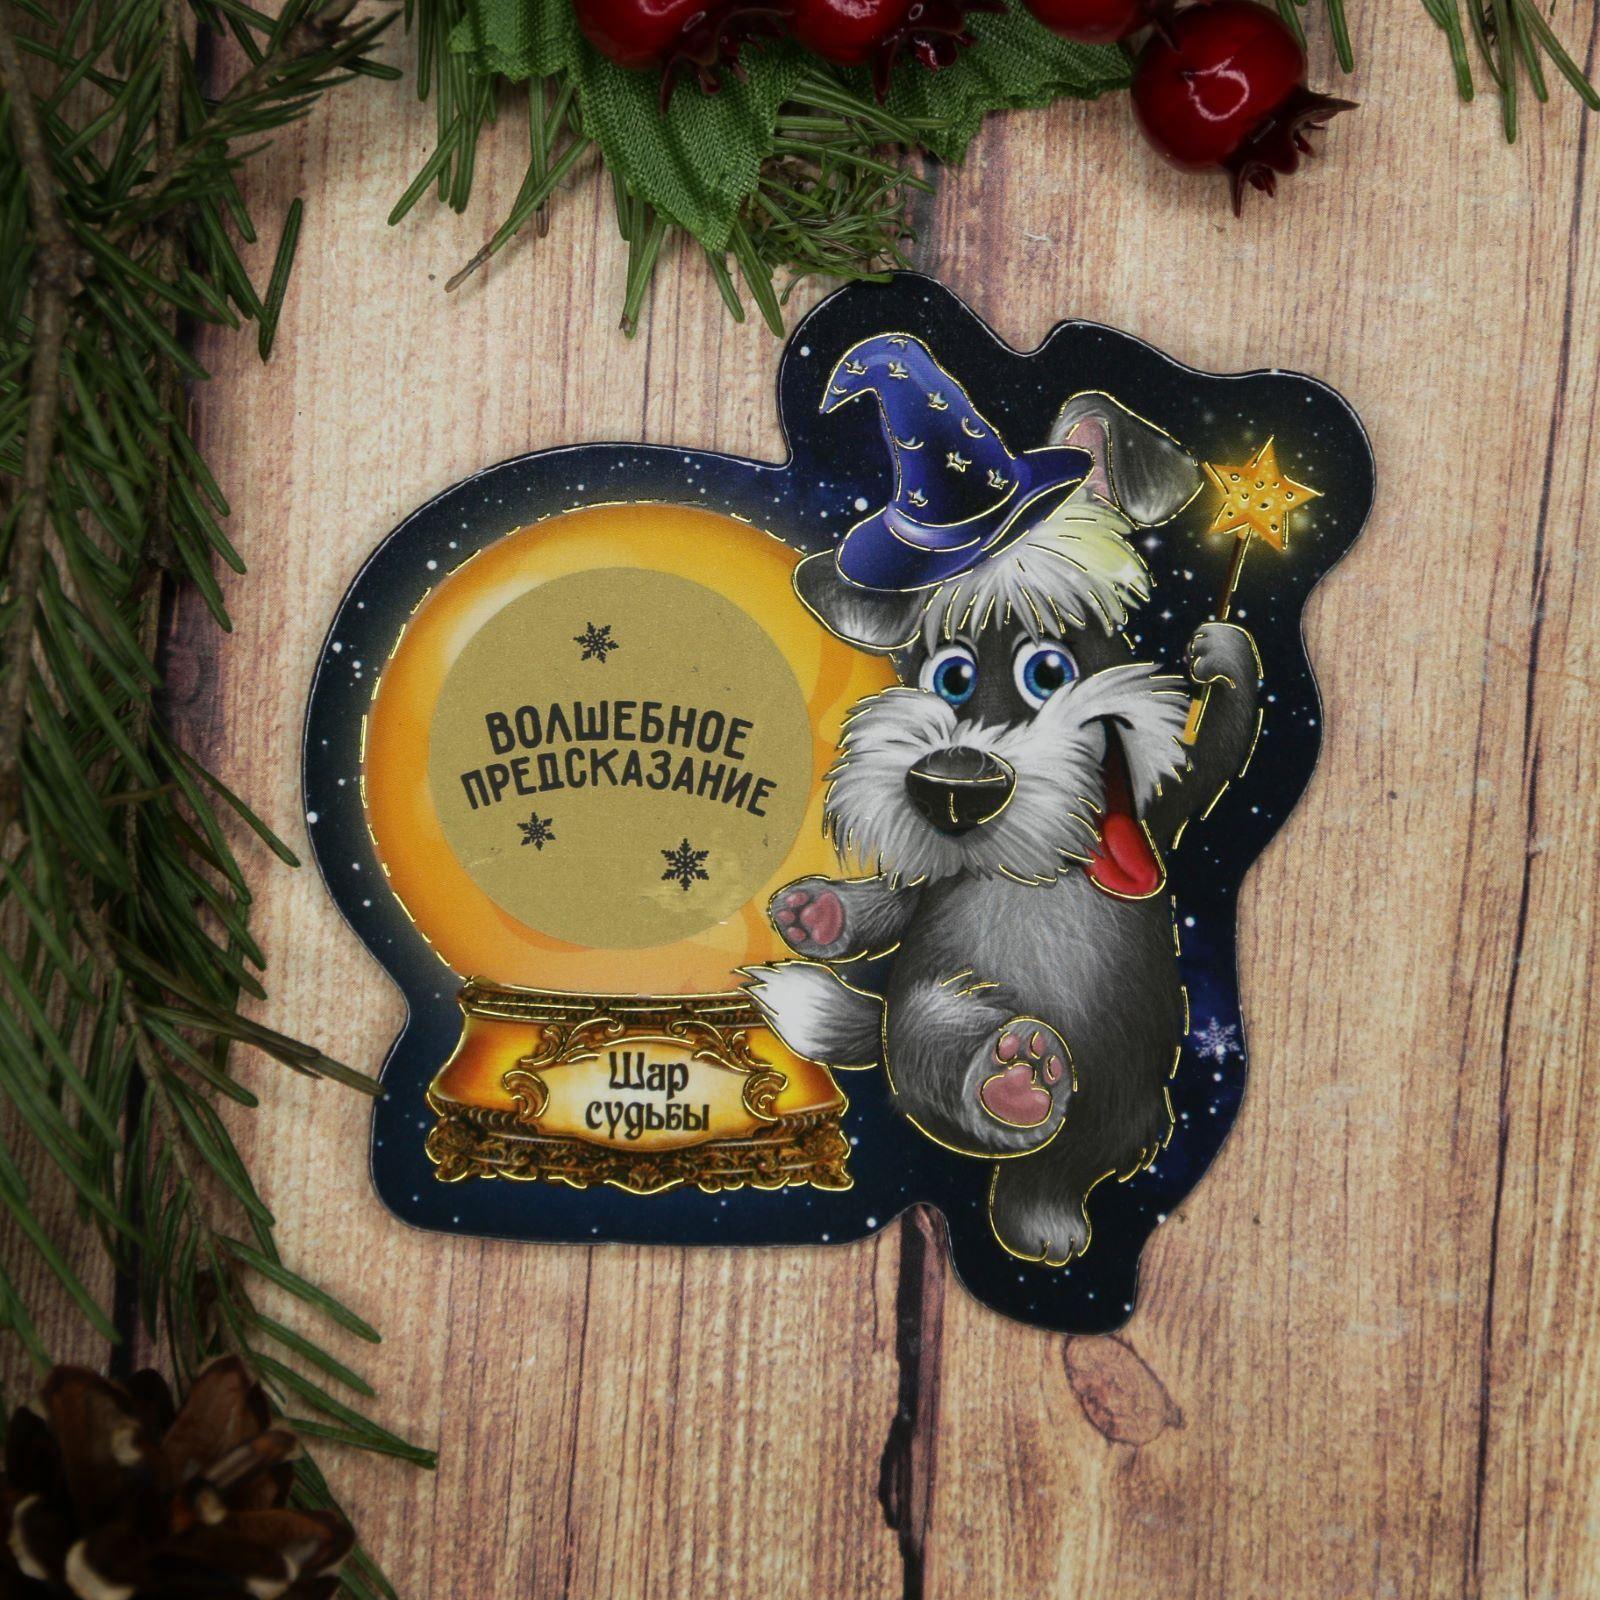 Магнит Sima-land Волшебное предсказание, со скретч-слоем, 8 х 8 см1989272Порадуйте родных и близких оригинальным сувениром: преподнесите в подарок магнит. С ним даже самый серьёзный человек почувствует себя ребёнком, ожидающим чудо! Создайте праздничное настроение, и оно останется с вами на весь год.